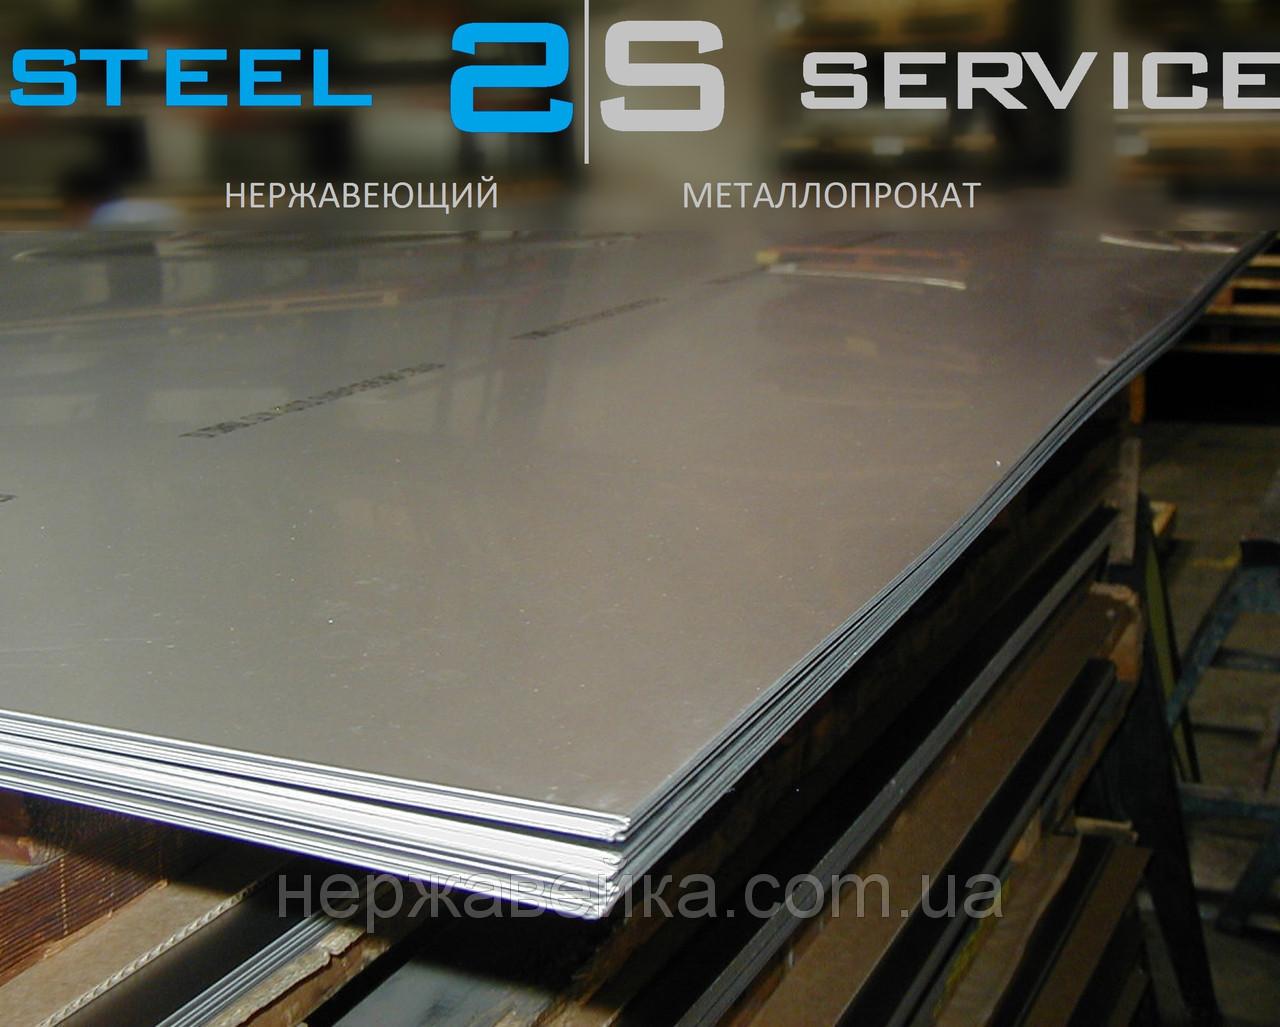 Нержавеющий лист 10х1000х2000мм  AISI 316Ti(10Х17Н13М2Т) F1 - горячекатанный,  кислотостойкий